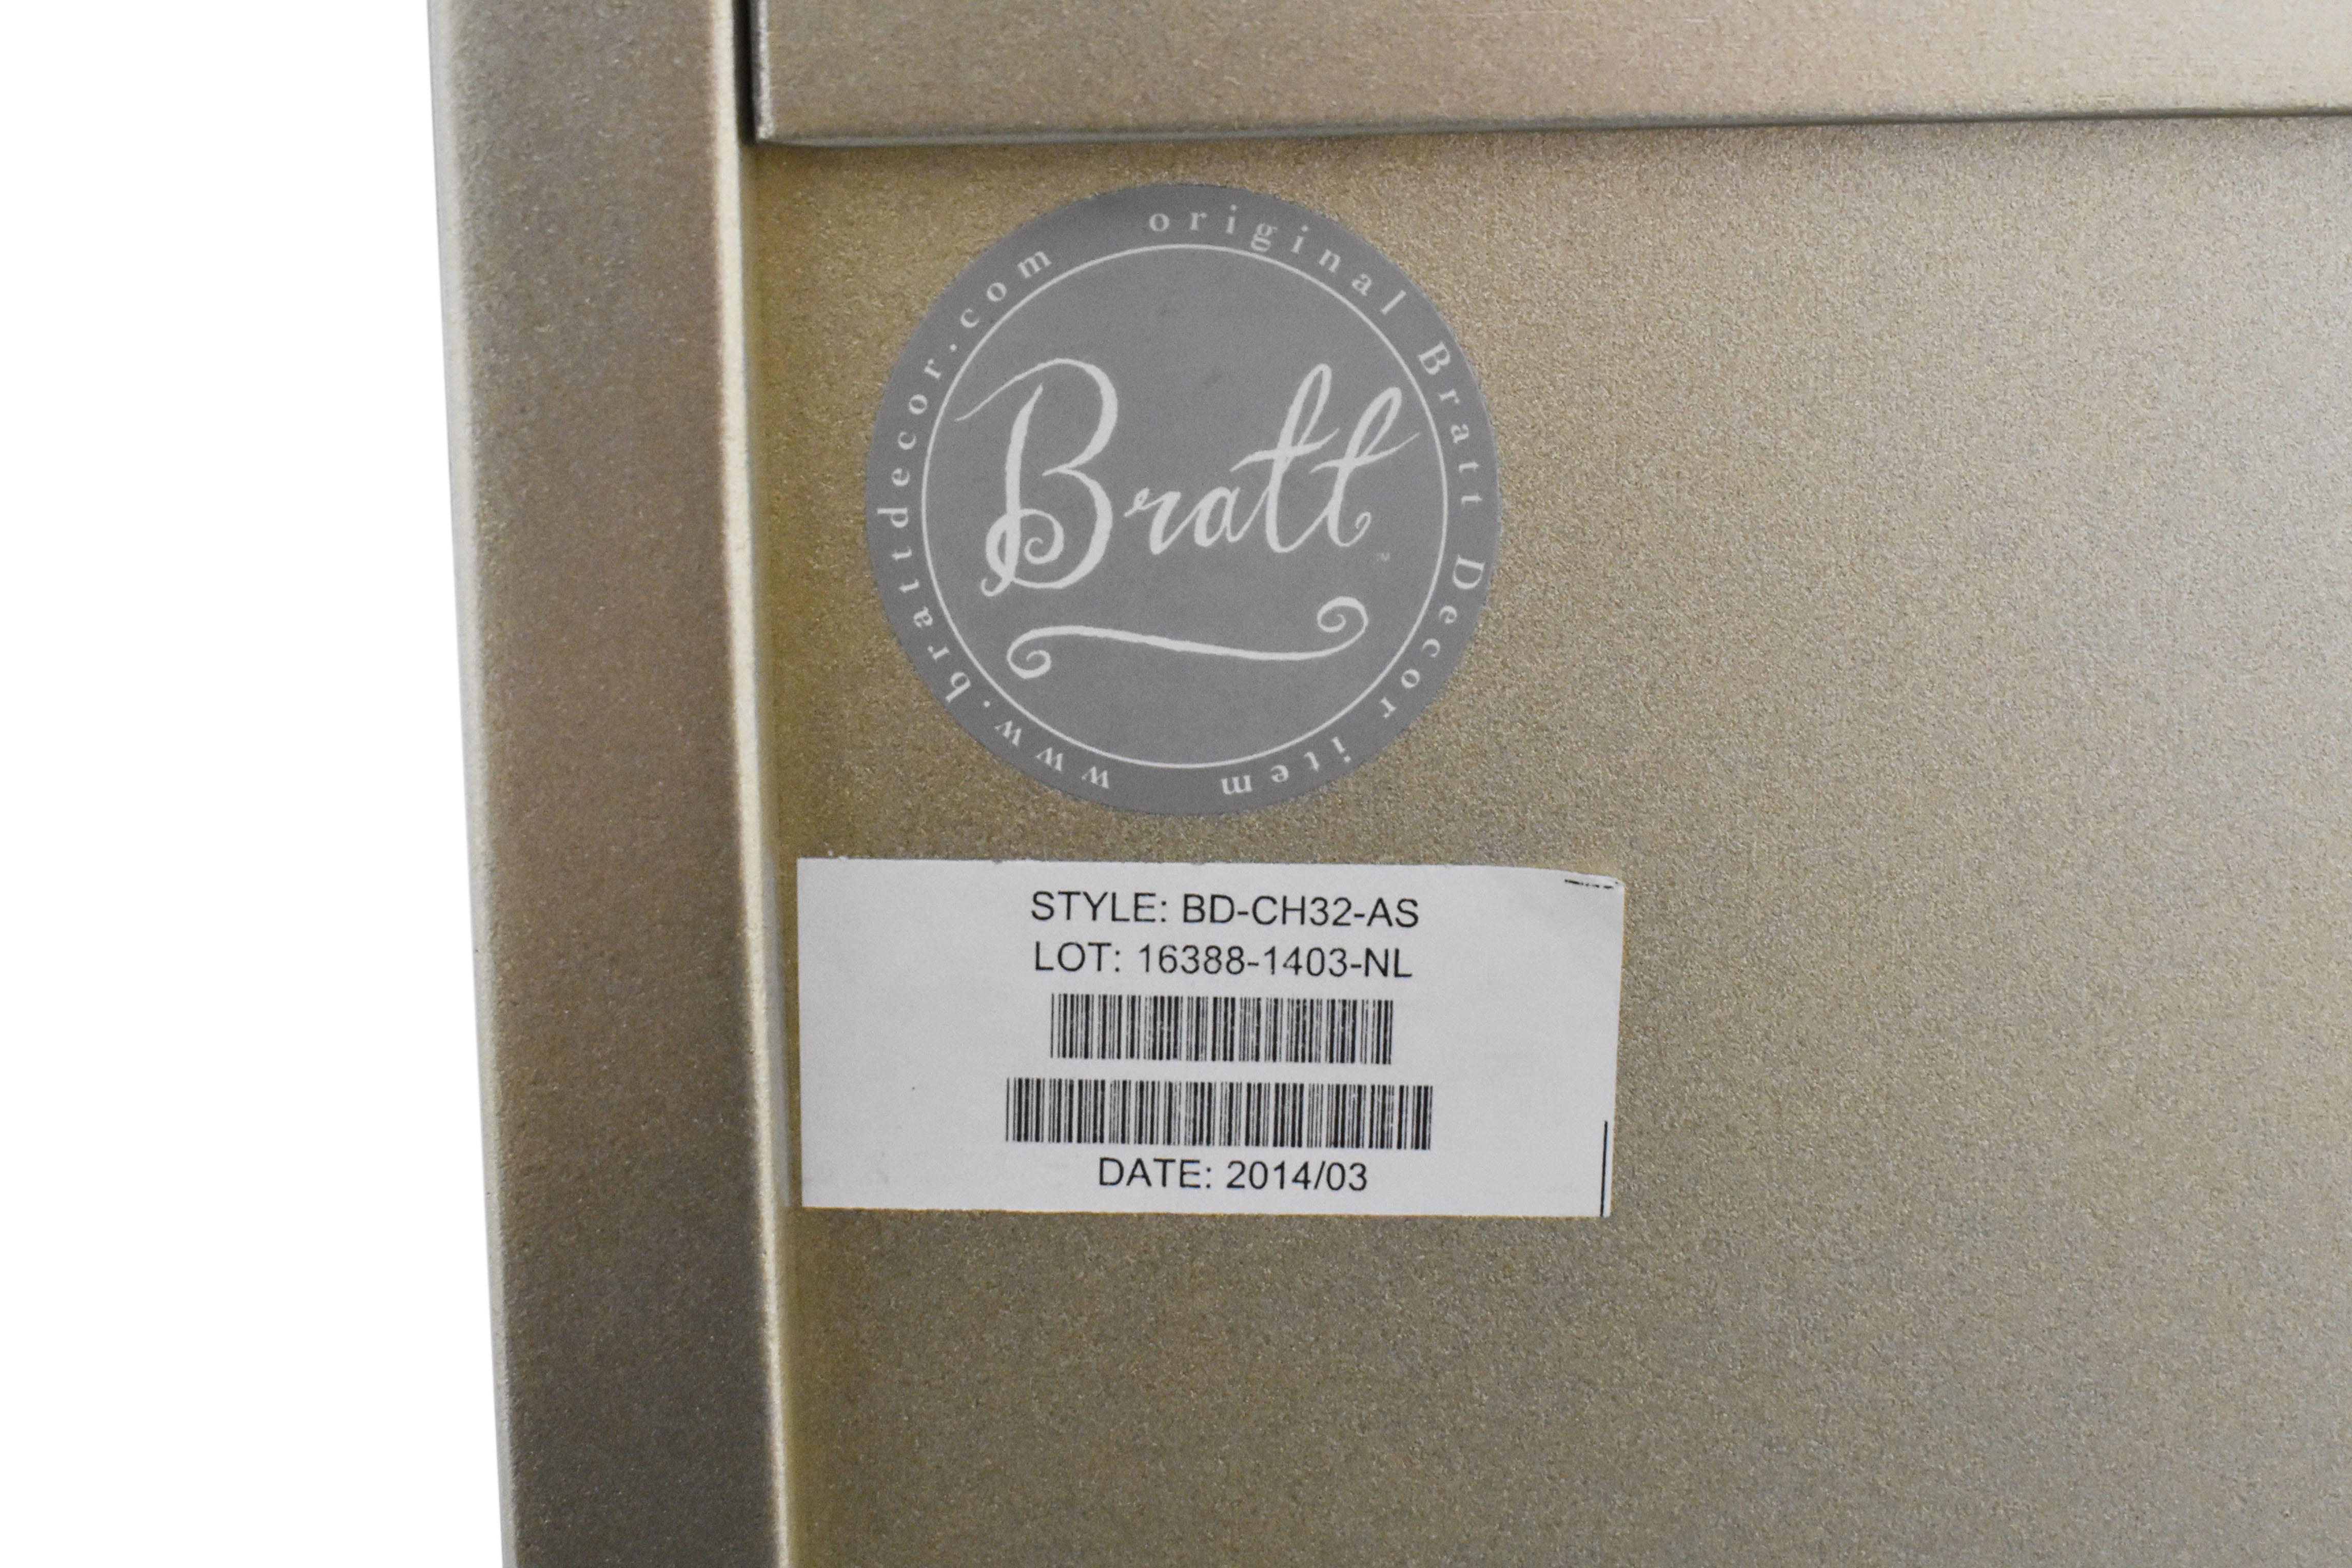 buy Bratt Decor Bratt Decor Chelsea Nightstands online